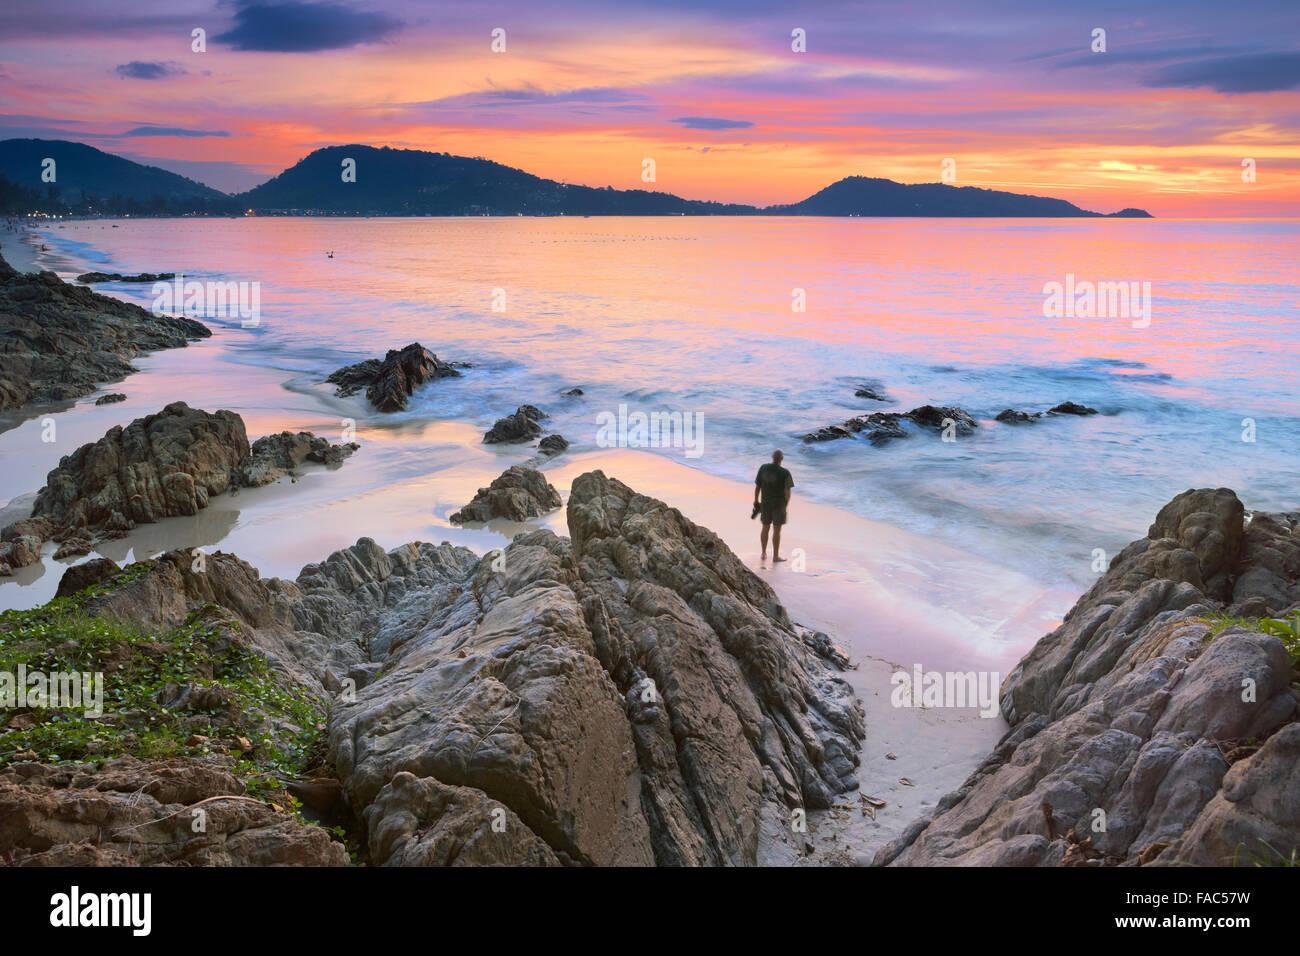 Thaïlande - l'île de Phuket, Patong Beach, l'heure du coucher du soleil scenery Banque D'Images